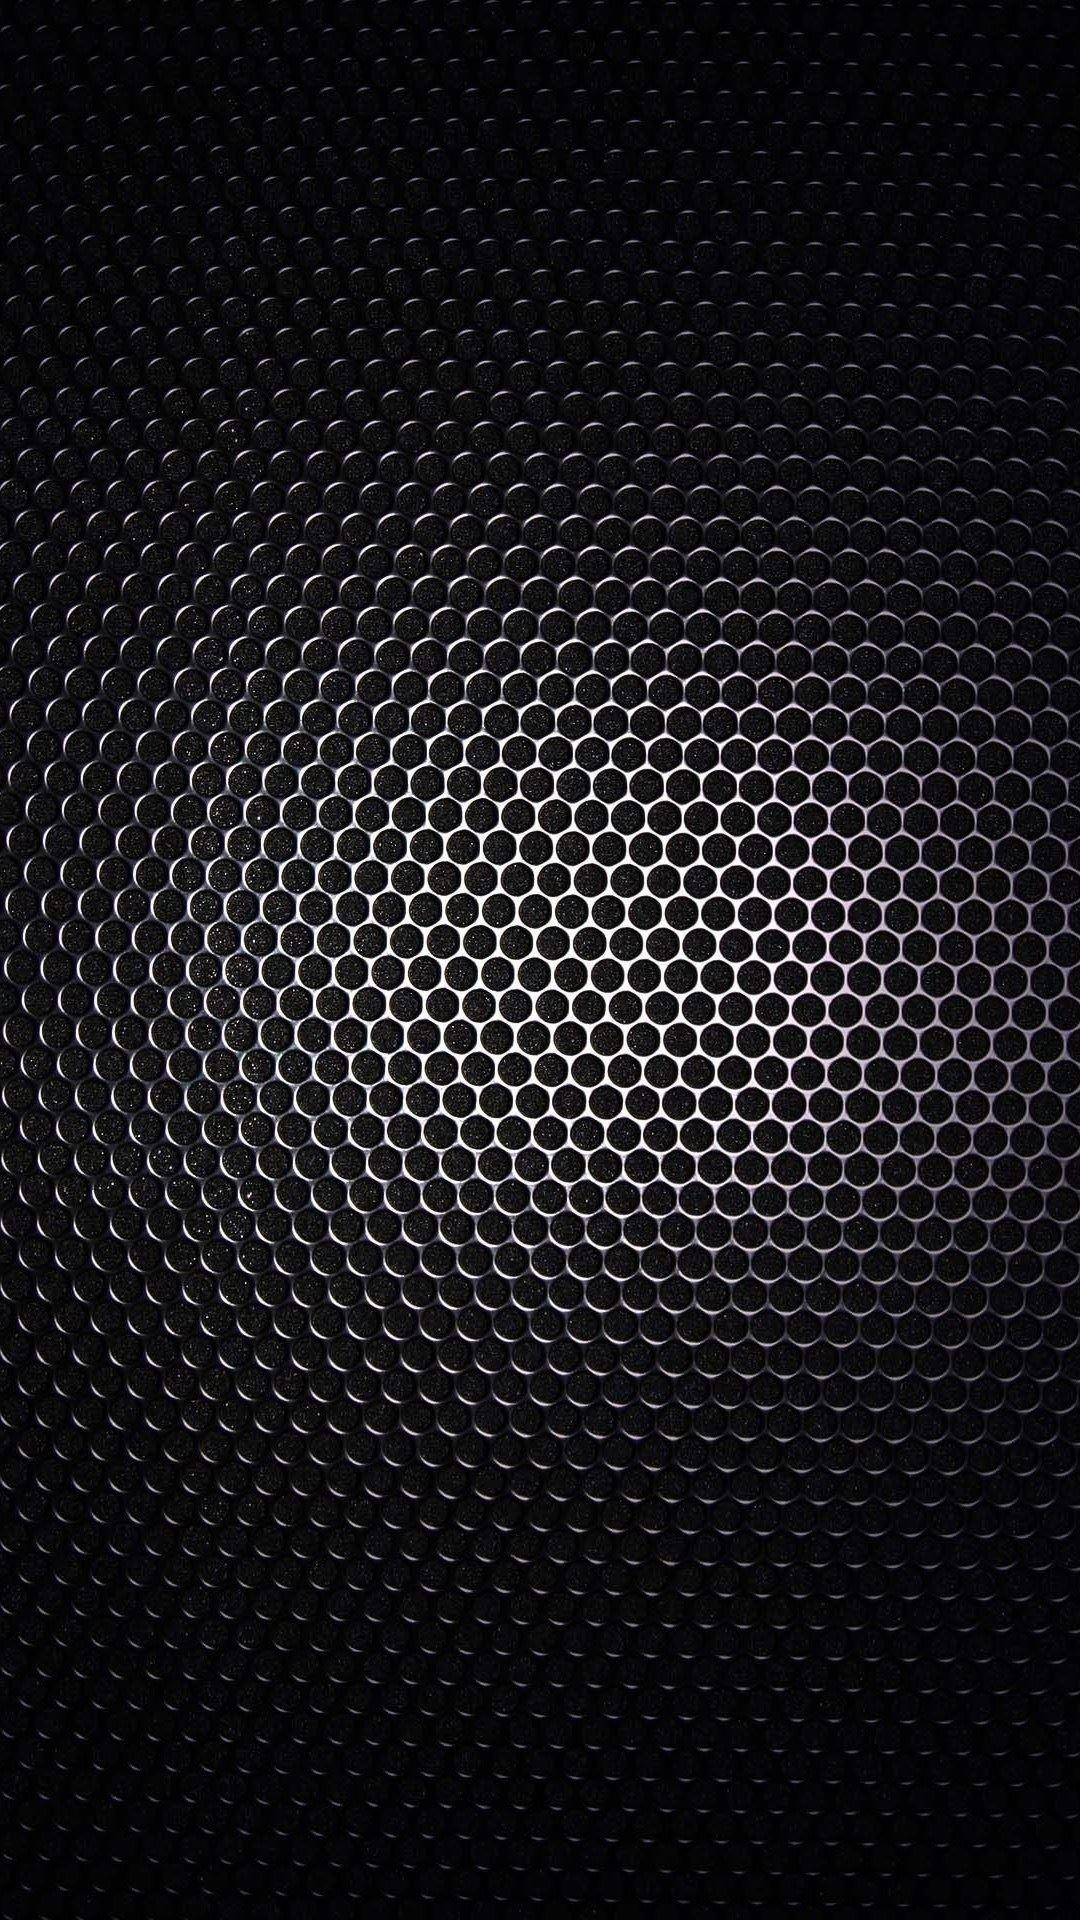 3D Wallpaper | Черные обои, Обои андроид, 3d обои | 1920x1080